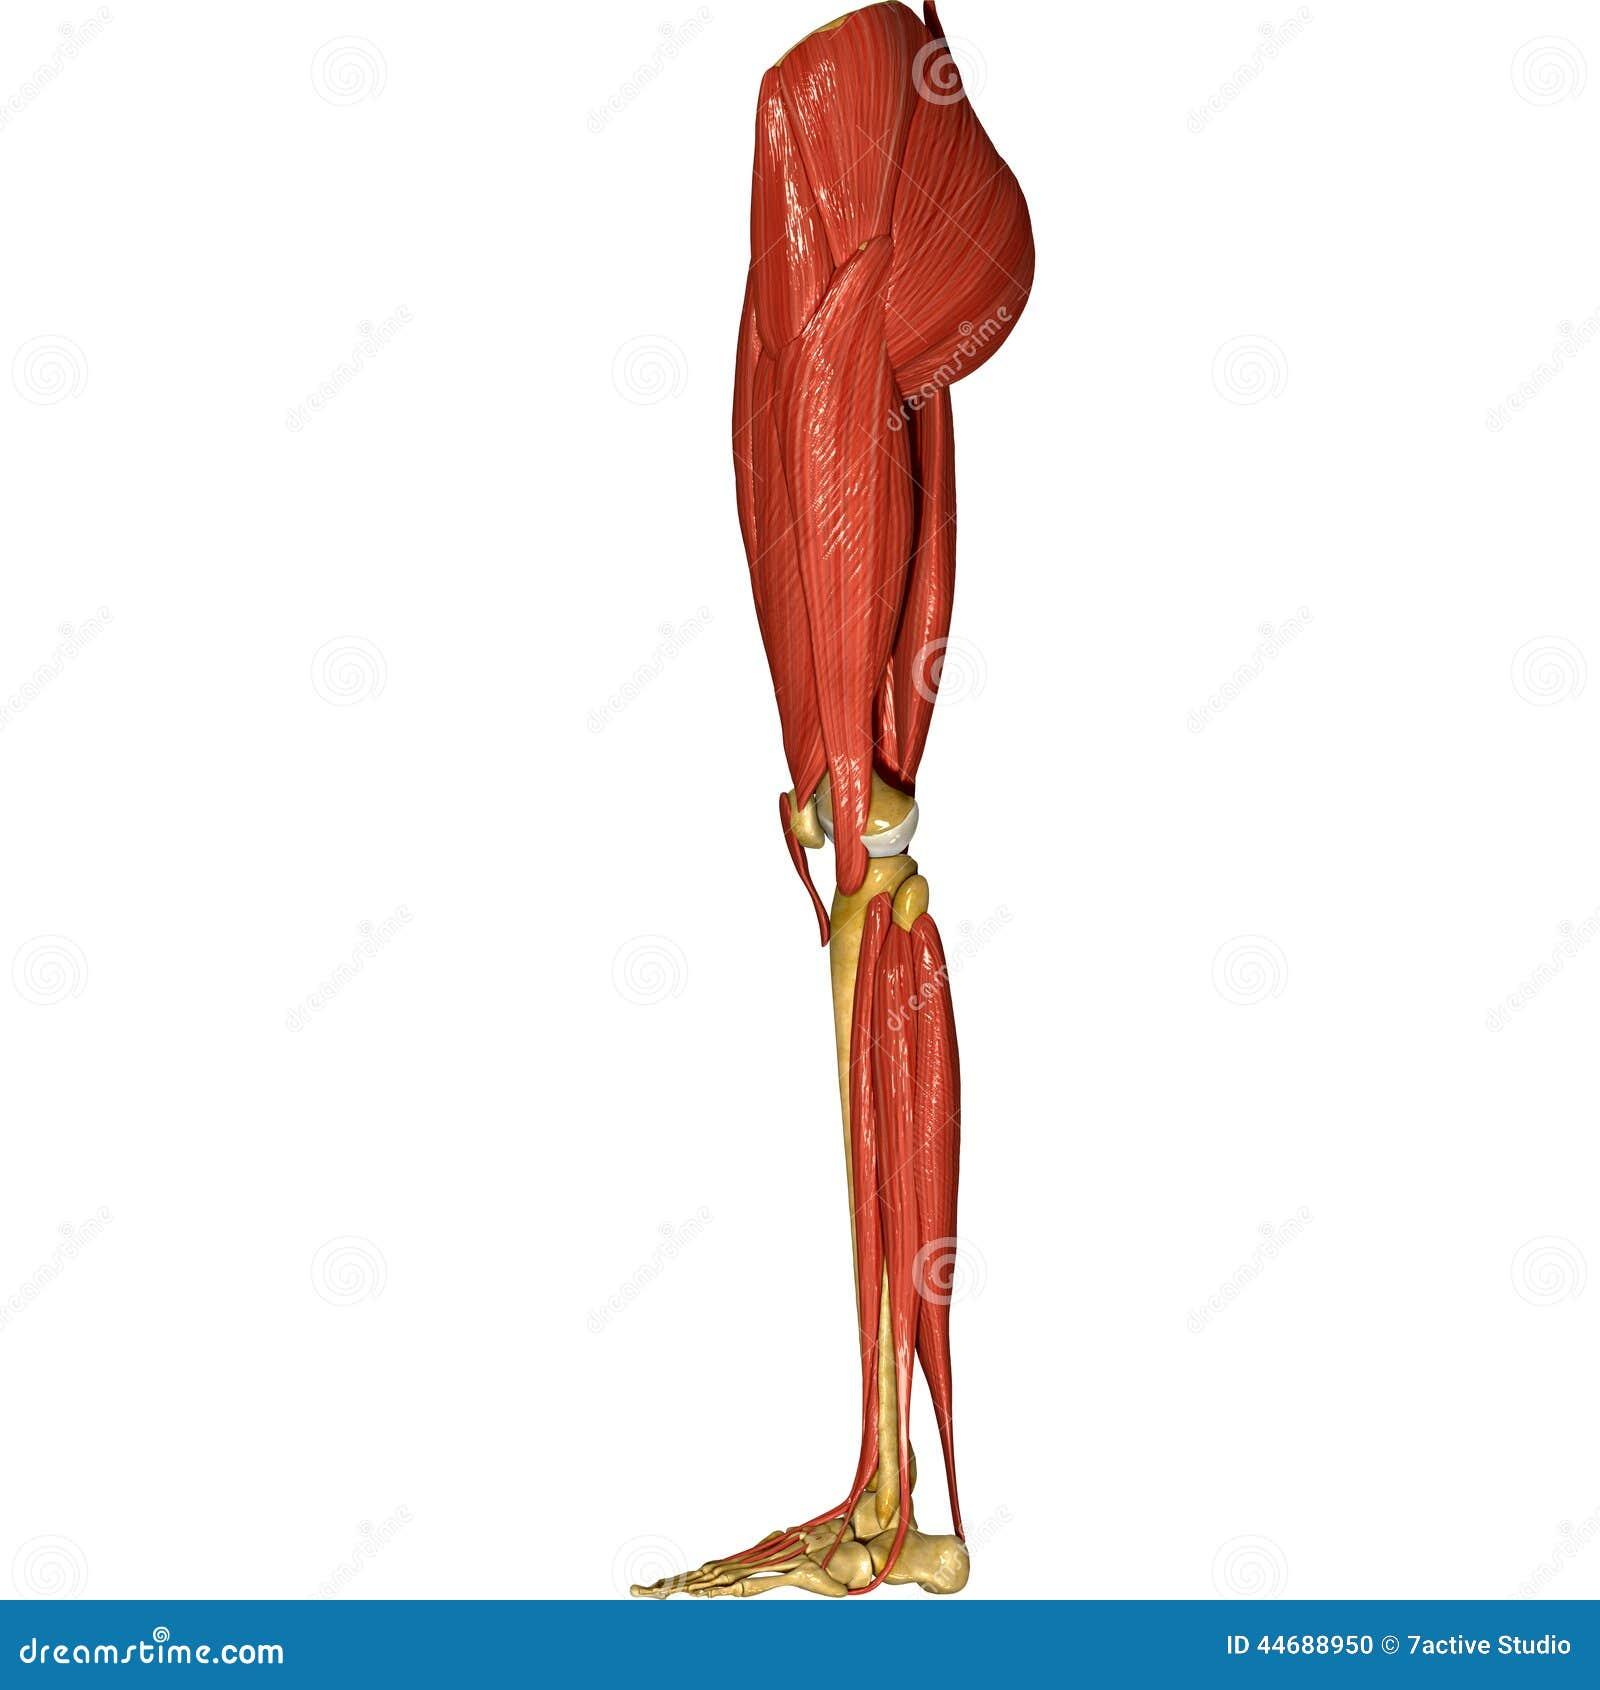 Vistoso Cadera Y Músculos De Las Piernas Anatomía Patrón - Imágenes ...